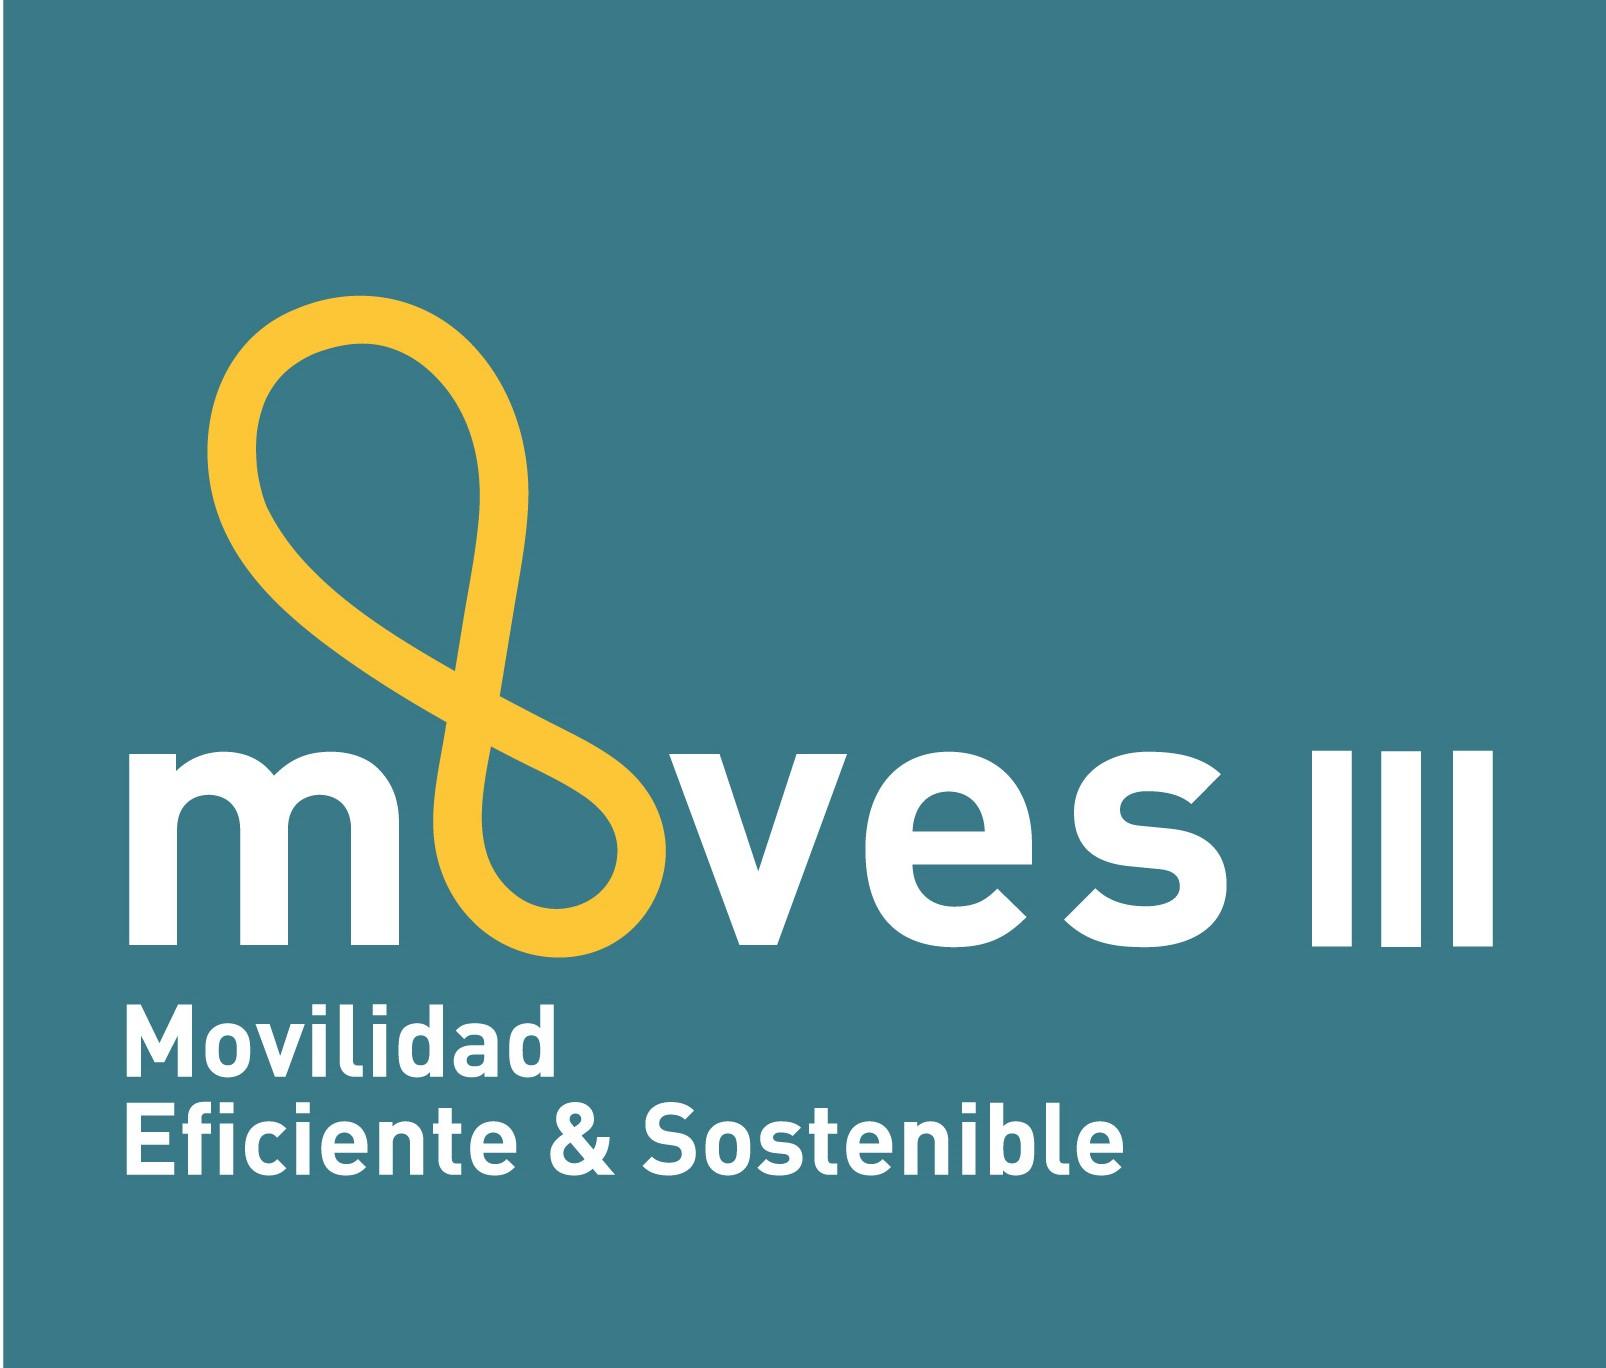 El Ayuntamiento solicita las ayudas del programa Moves III para instalar doce nuevos puntos de recarga de vehículos eléctricos